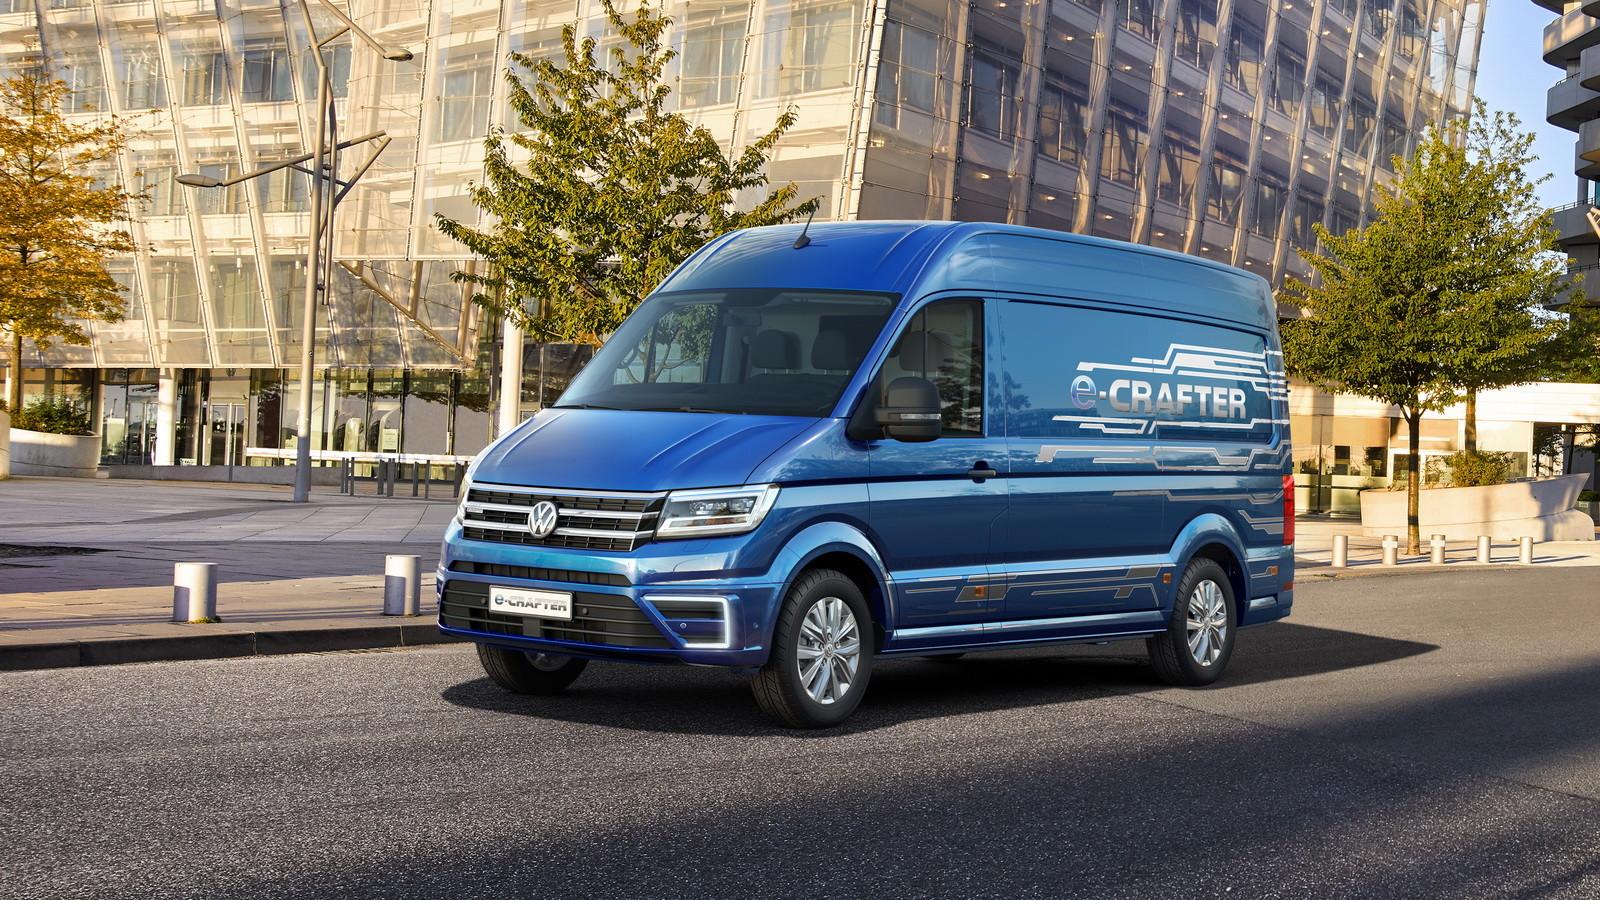 VW инвестирует $2 млрд вразвитие «чистых» авто вСША